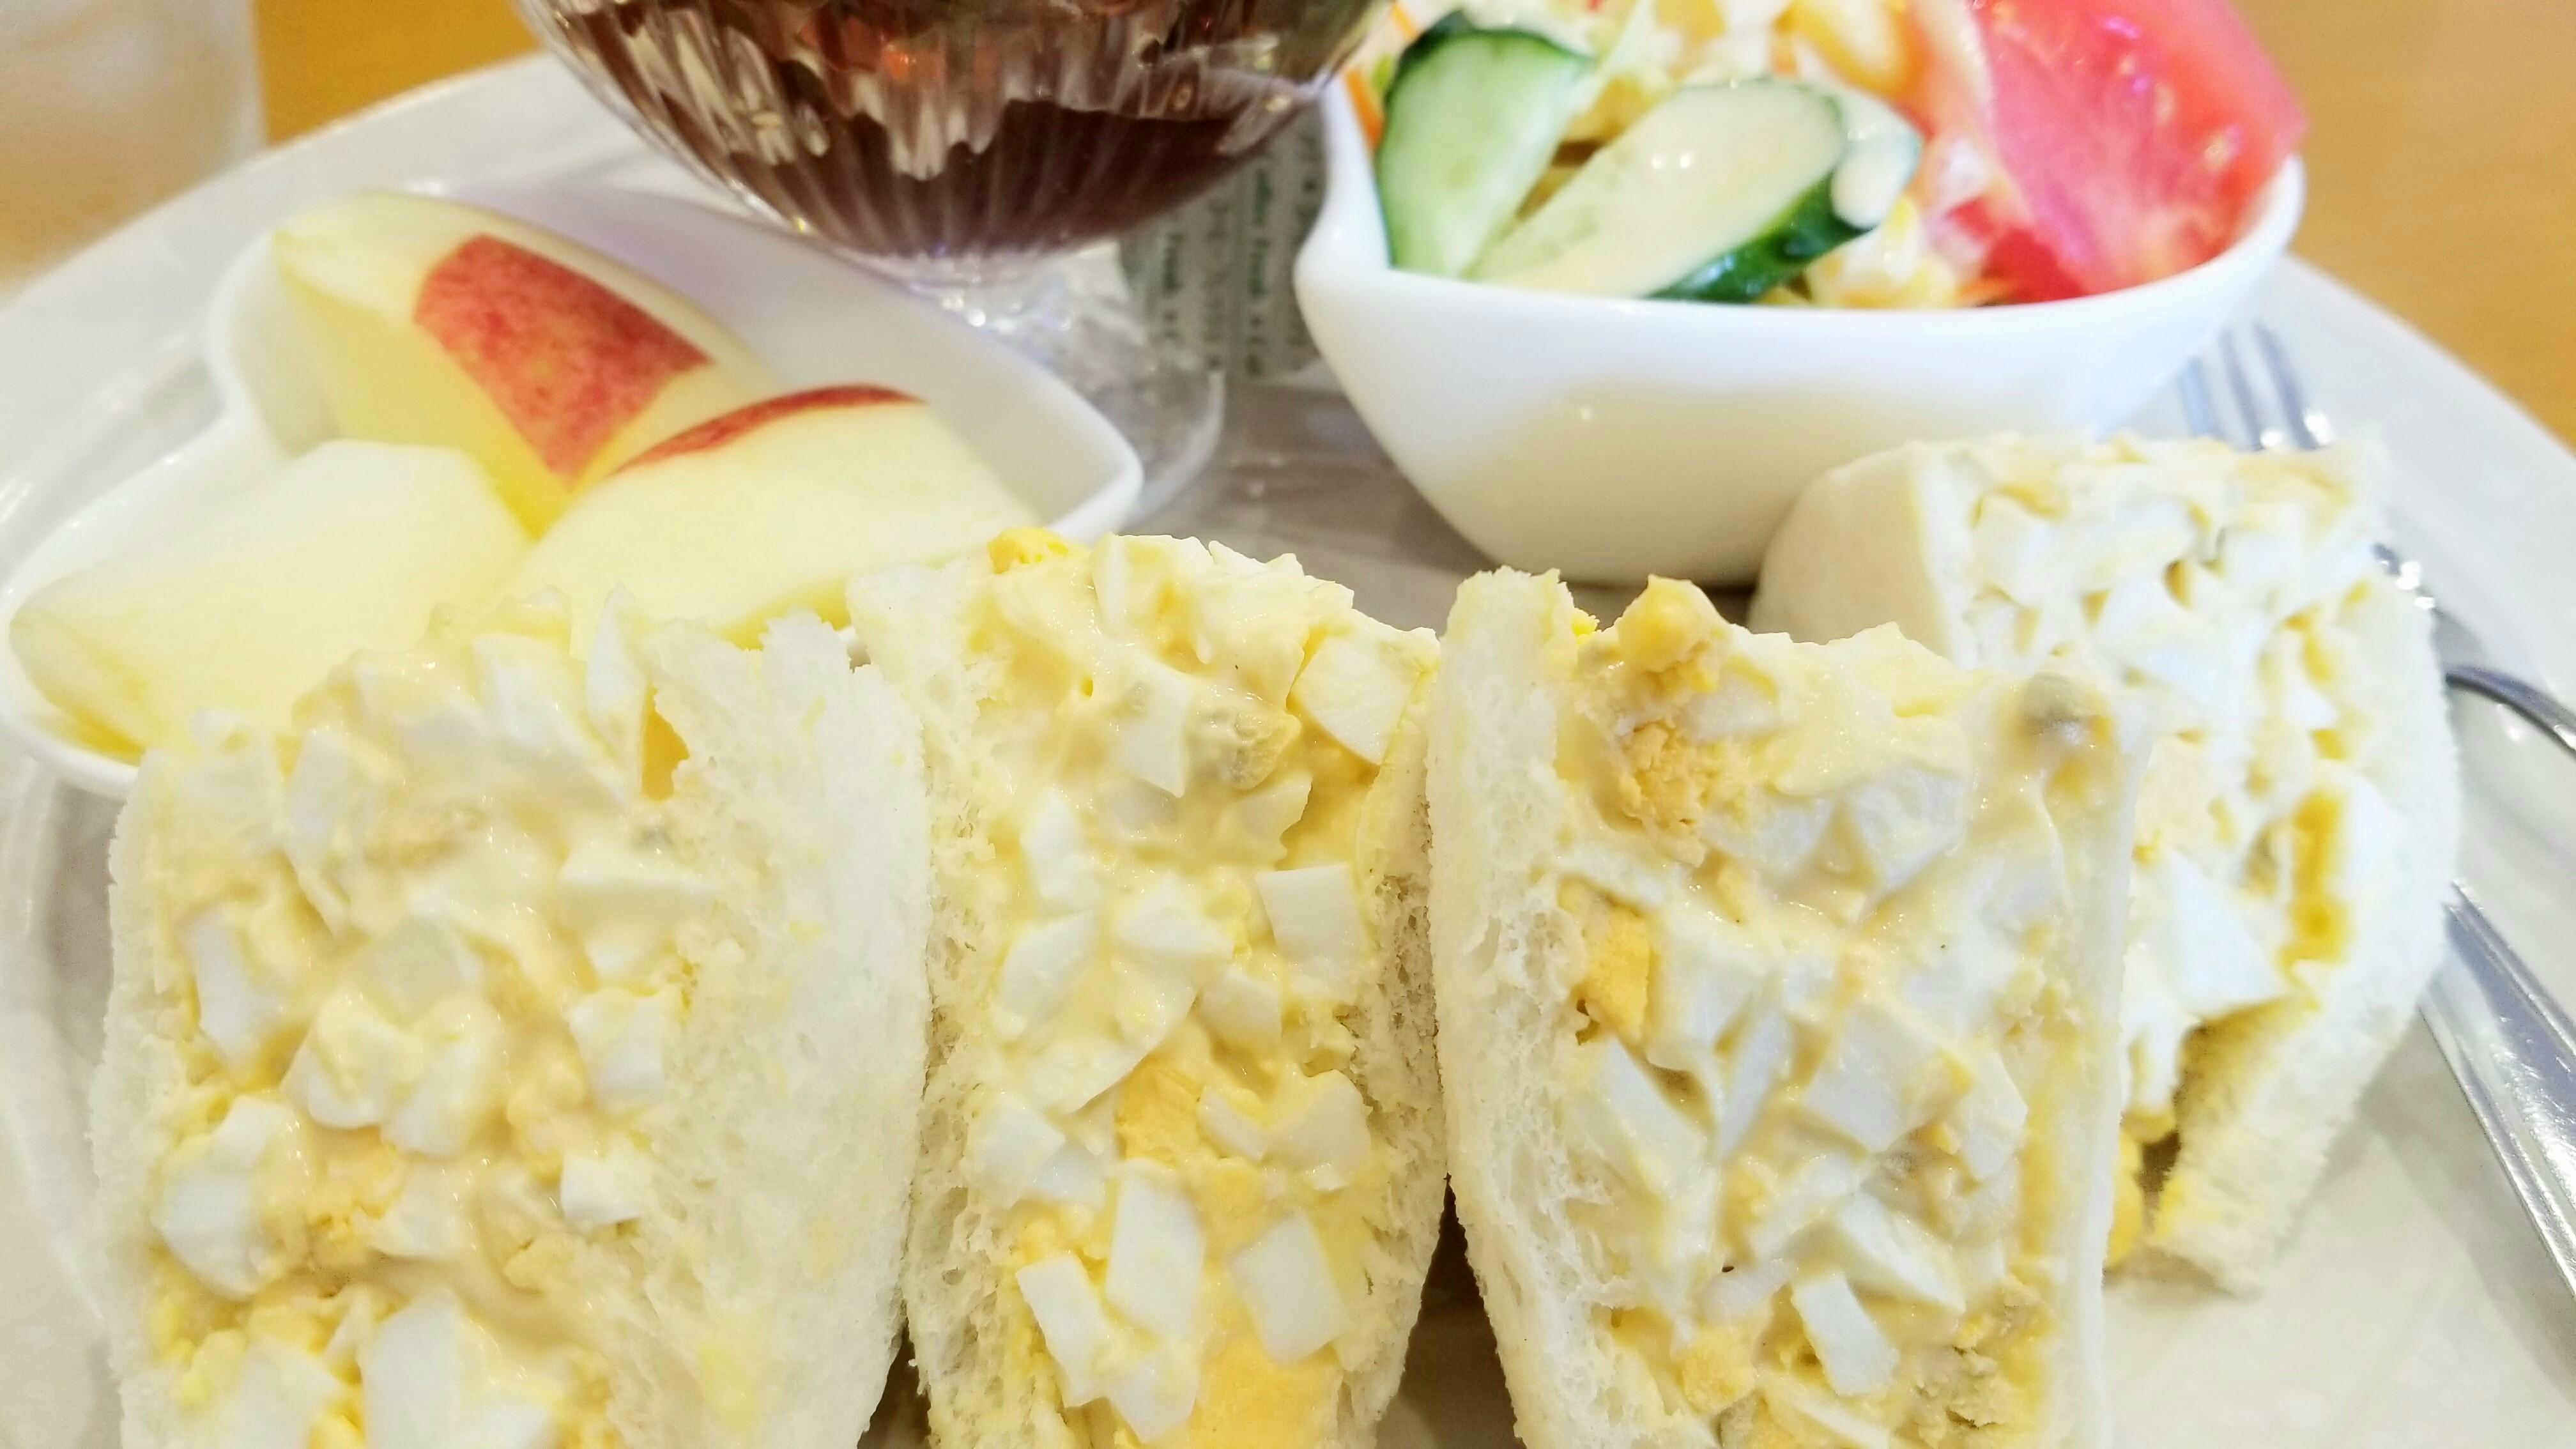 サンドイッチ具卵塩分カフェ画像美味しい手作りうまい画像愛媛松山市